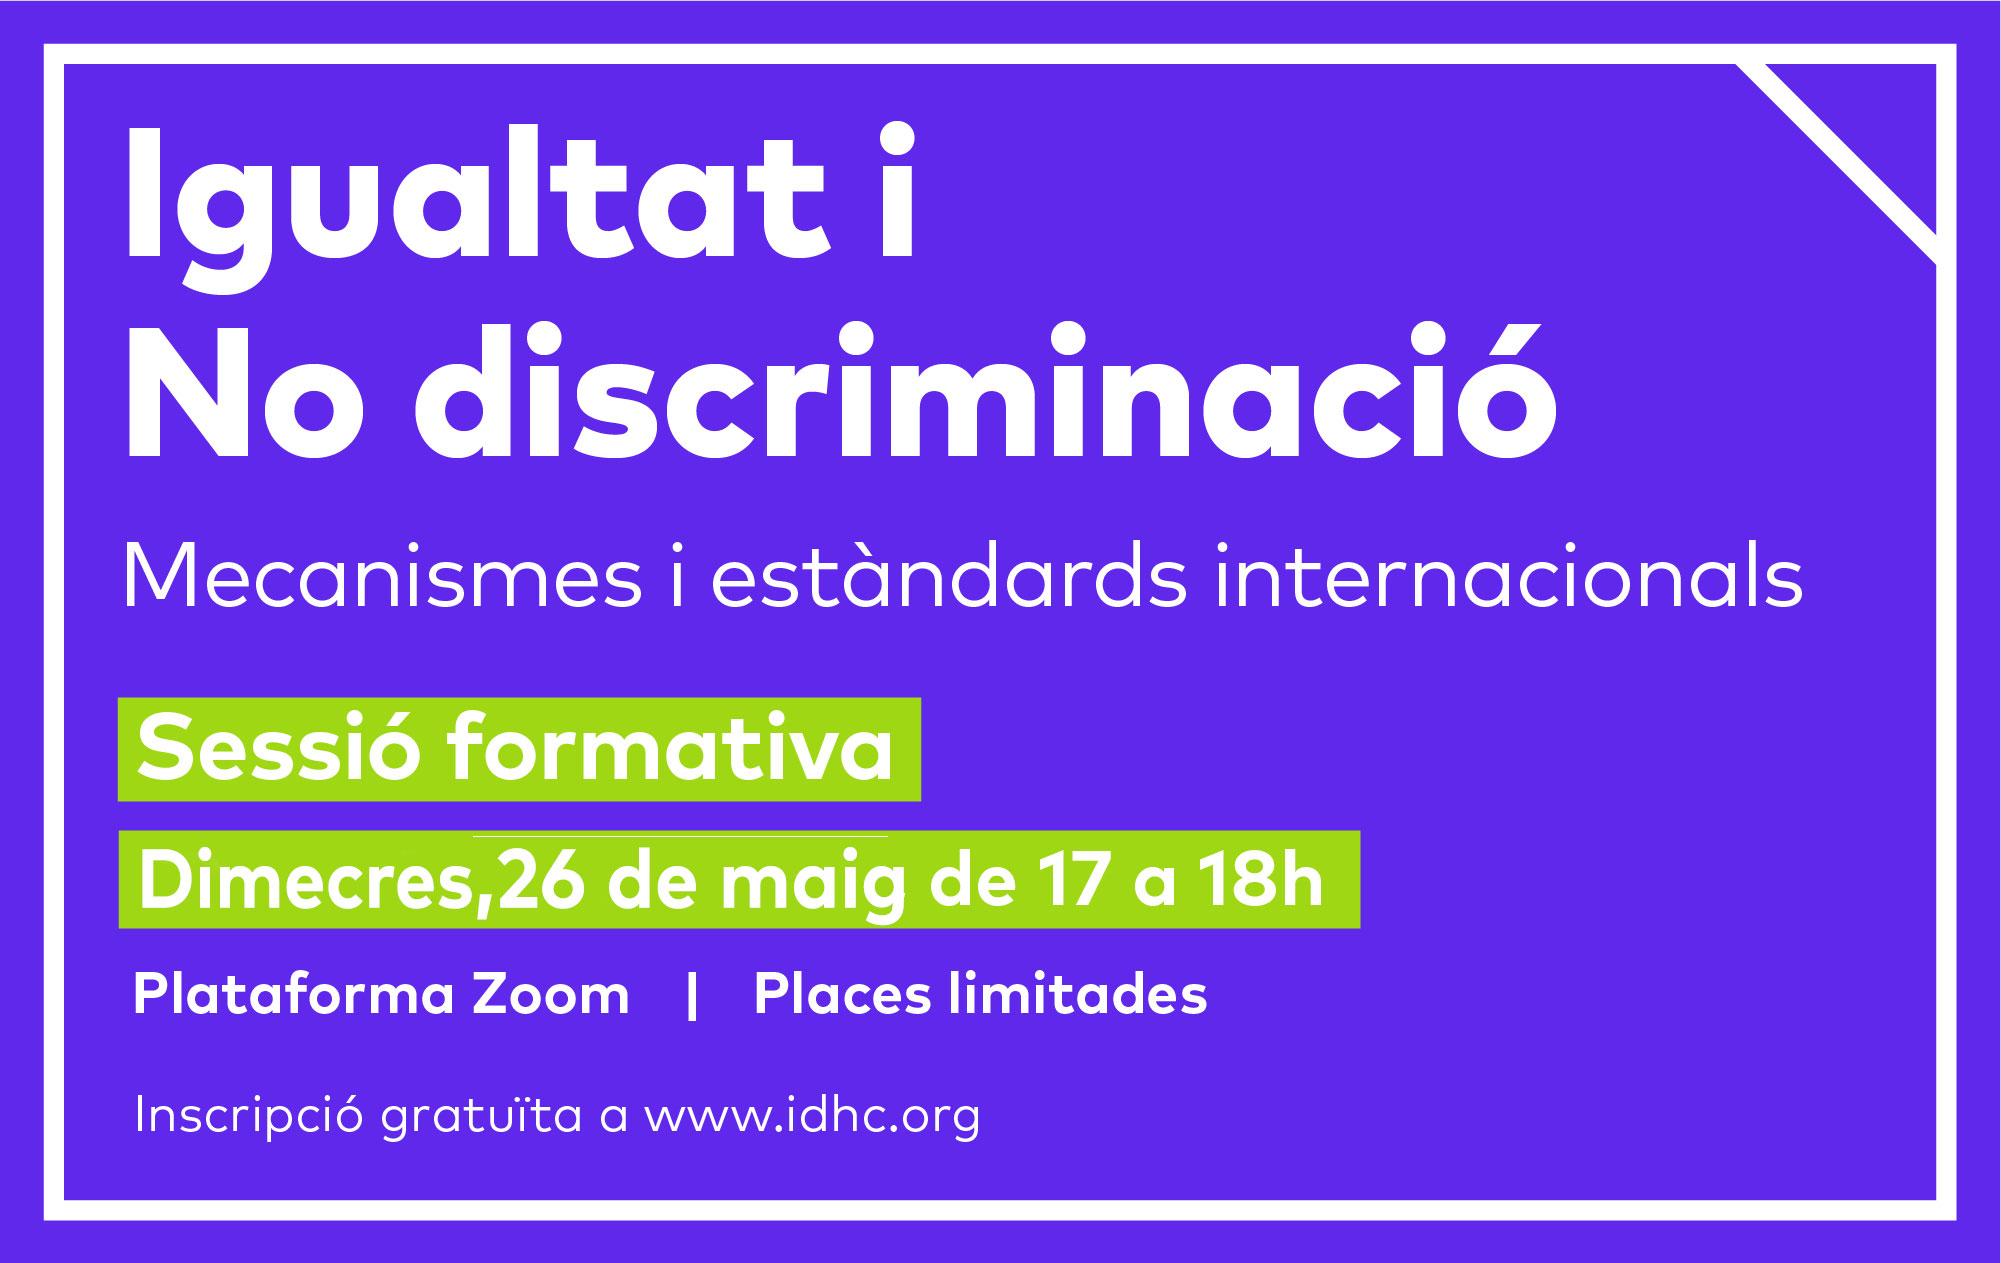 [Sesión formativa] IGUALDAD Y NO DISCRIMINACIÓN. Mecanismos y estándares internacionales (2)